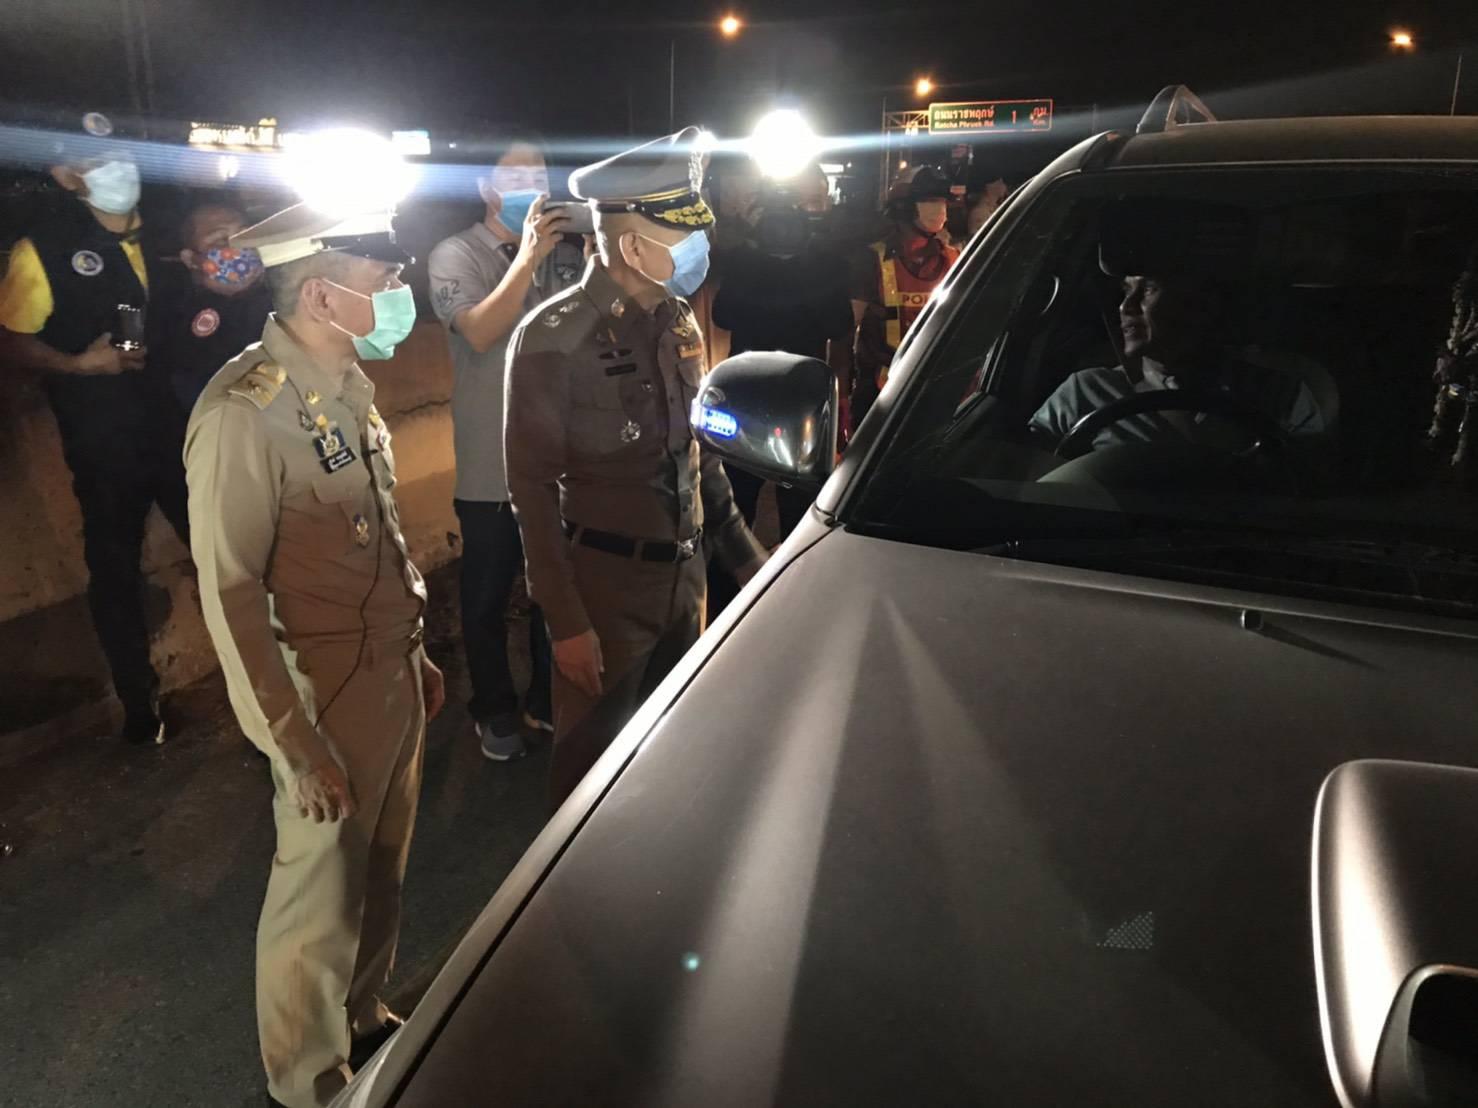 ผู้ว่าราชการ จ.นนทบุรี ตรวจด่านโควิด 19 คืนแรก บังคับใช้ พรก.